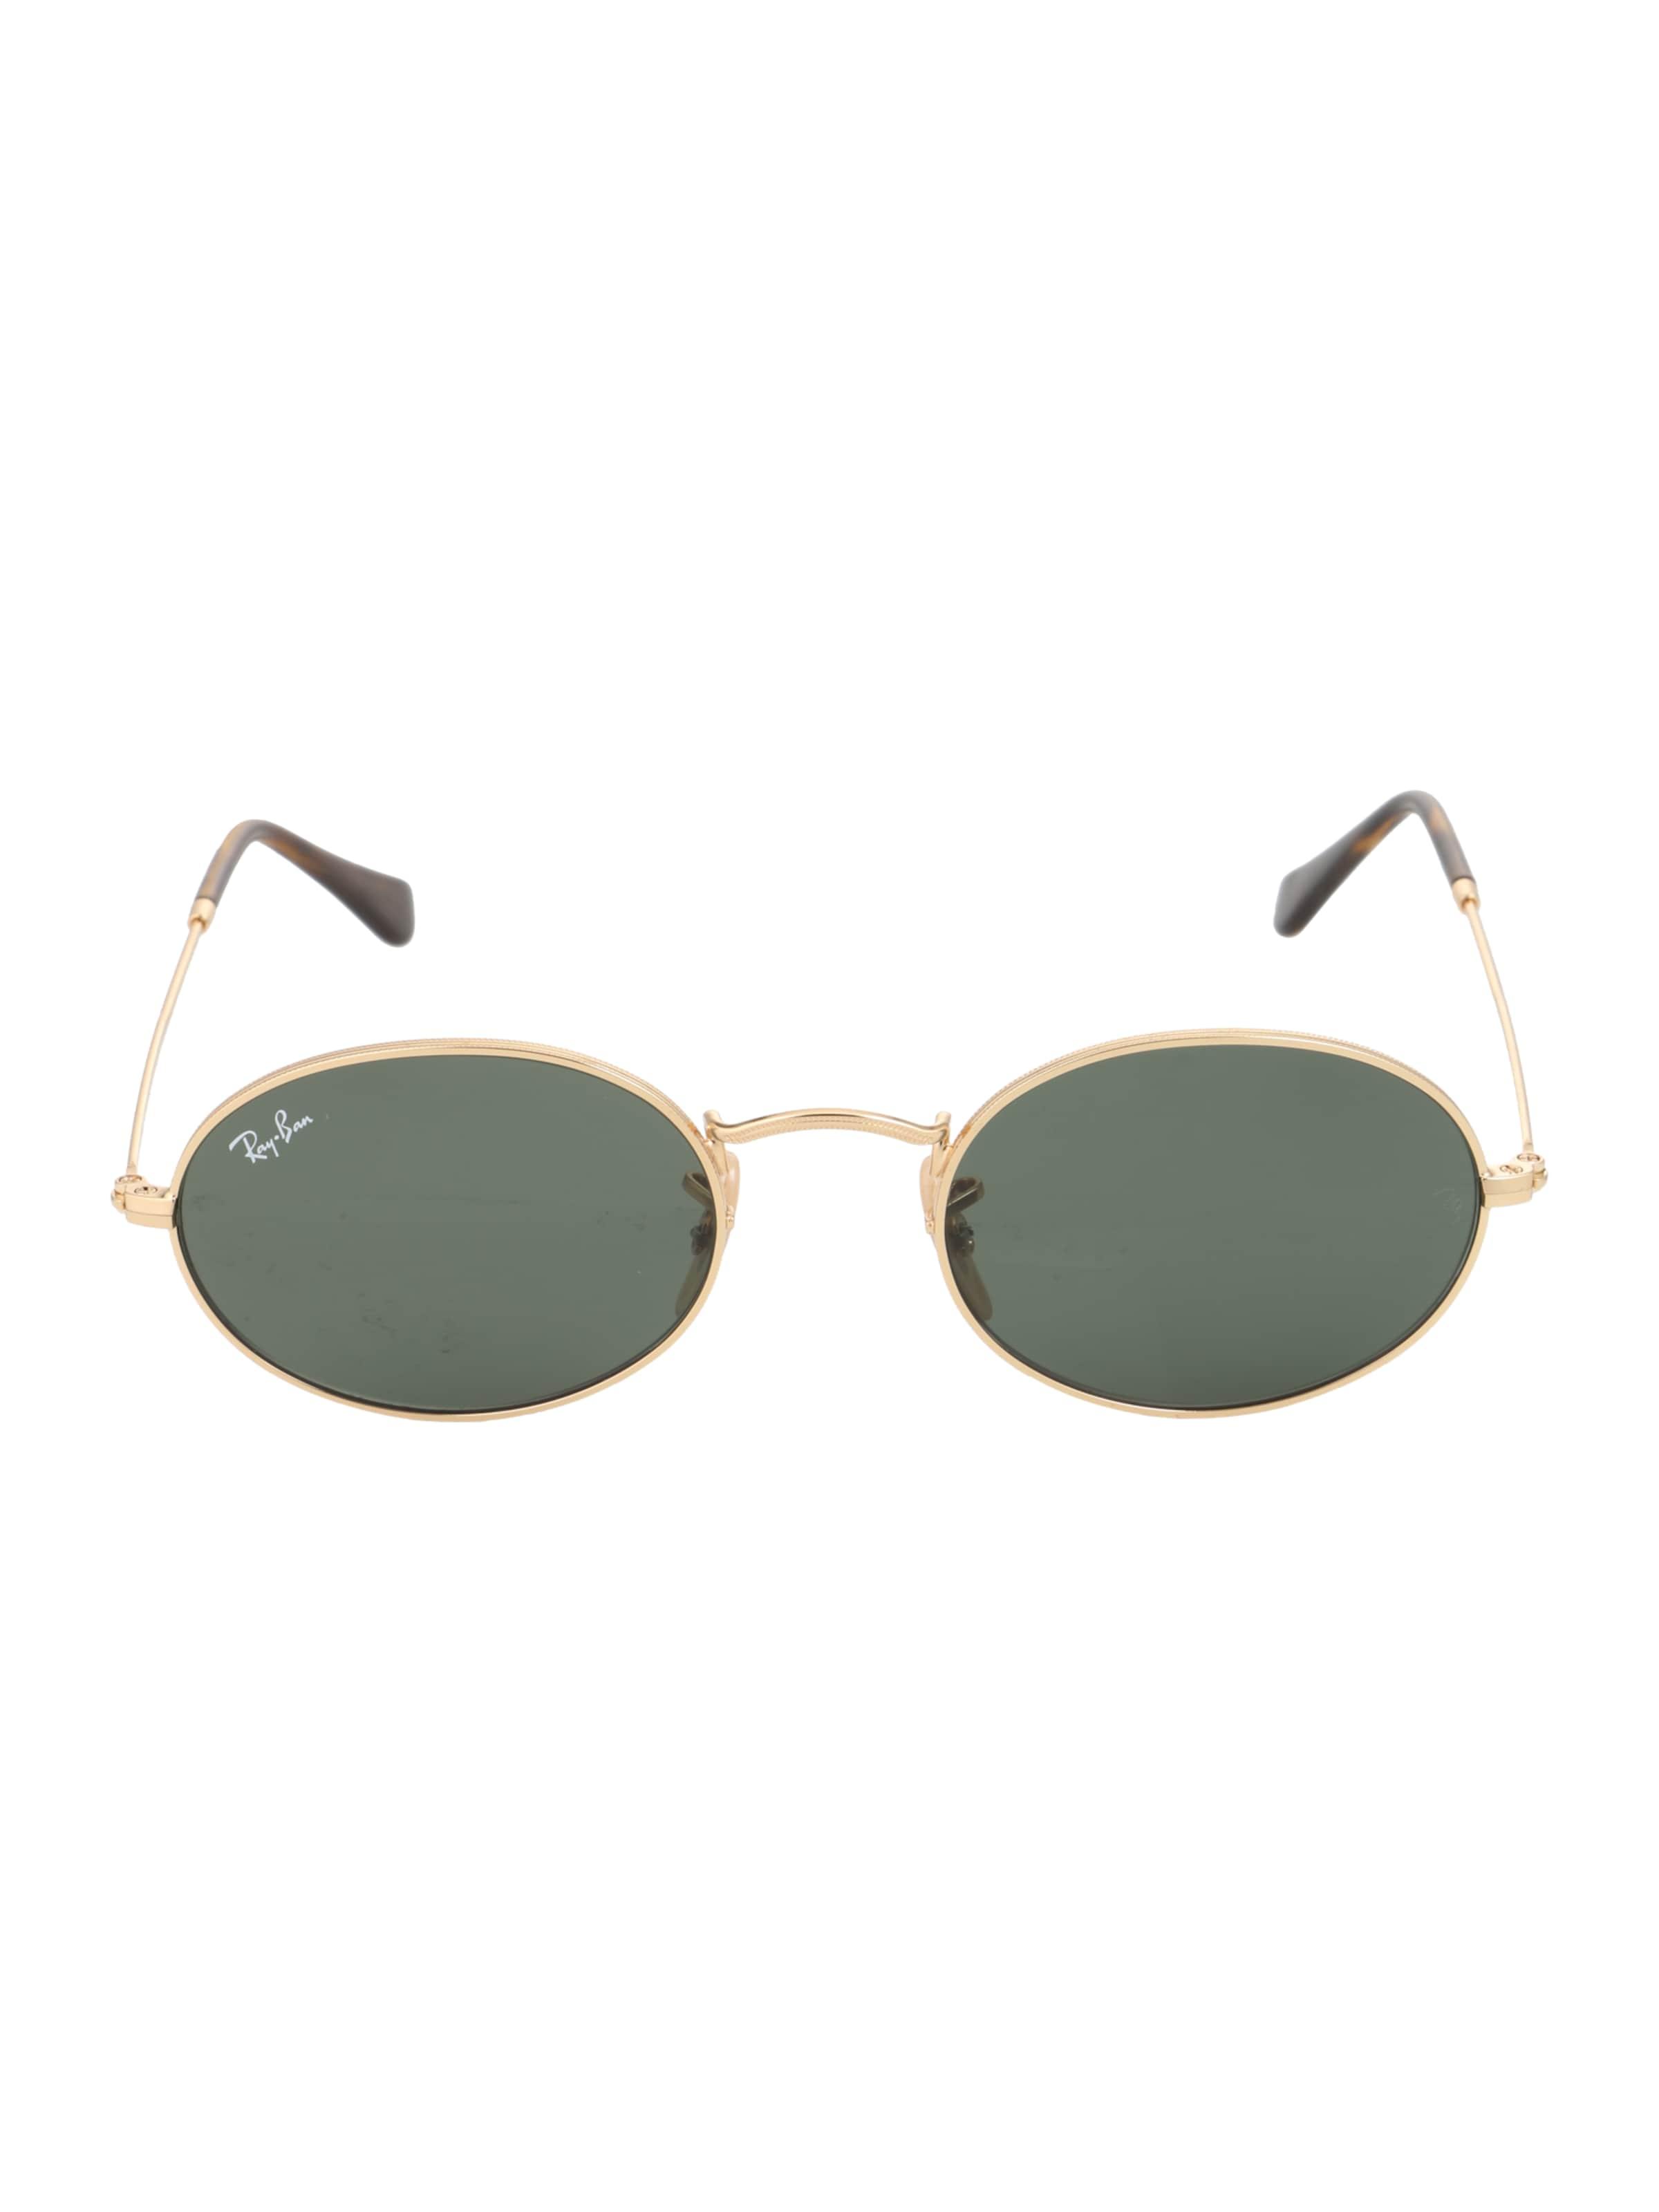 Ray-Ban Casual Sonnenbrille 'OVAL' Sehr Billig Günstig Online Spielraum Manchester Liefern Großhandel Qualität Billig Großhandelspreis TAUkSmjR